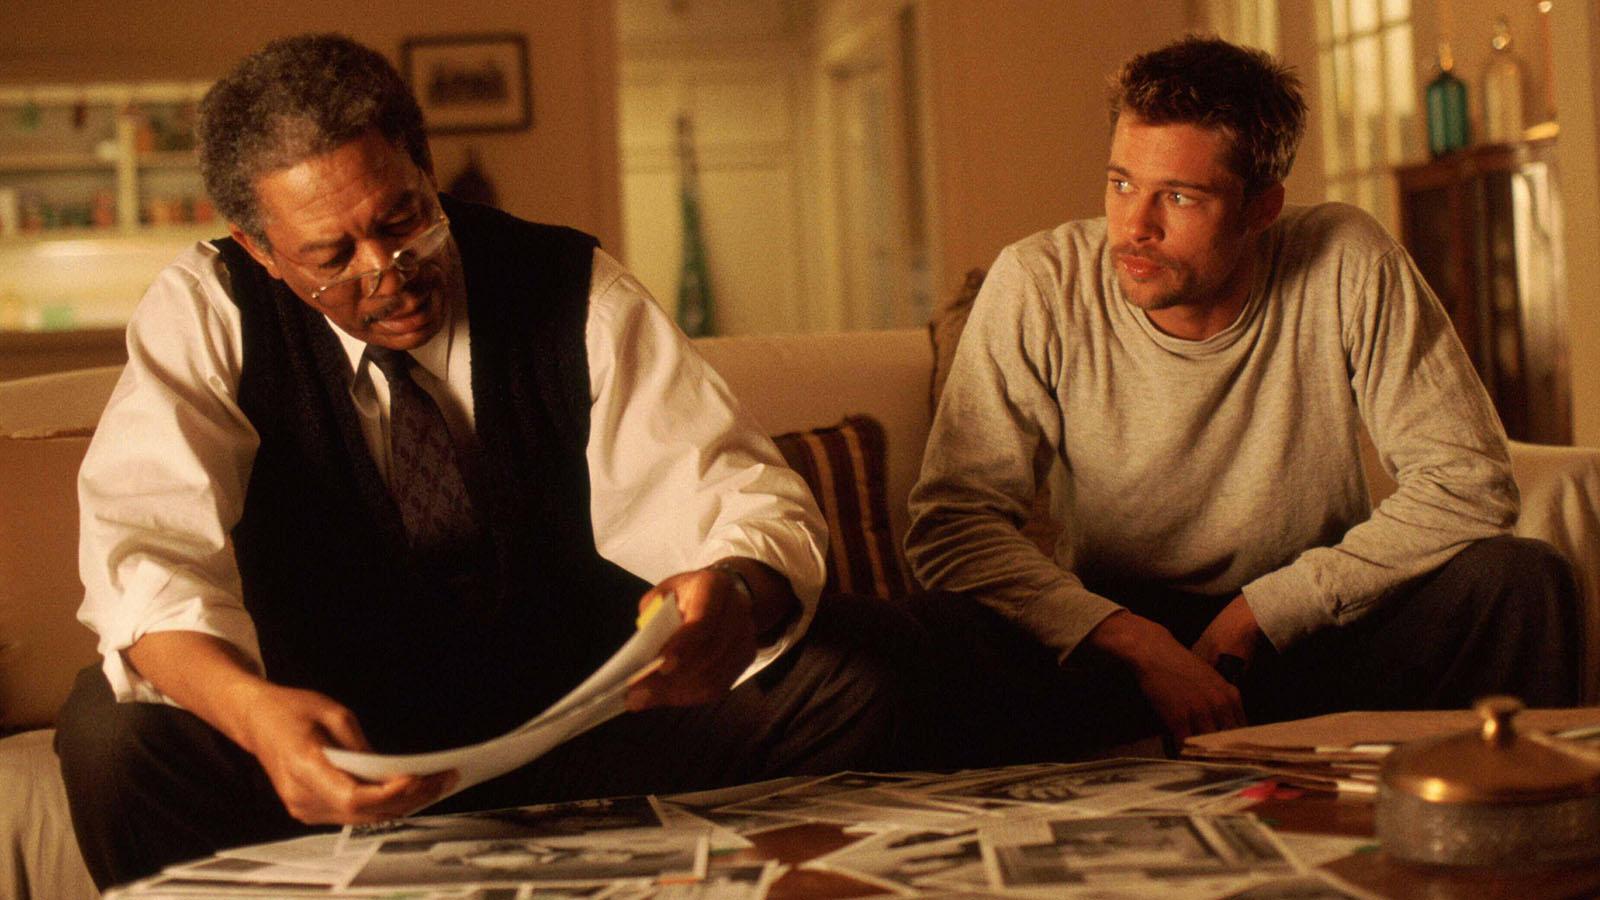 Miközben a nézők elvesznek a hálálos bibliai bűnök után kutakodó detektívtörténetben, épp csak a napnál világosabb következtetést szalasztják el. A csavar ott van, hogy a gyilkos megtréfálja a Brad Pitt alakította Mills nyomozót az utolsó bűn – a harag – esetében, miután a korábbit, az irigységet elég horrorisztikus módon tálálja. Az egész rém sötét, ám zseniálisan kitalált. (New Line Cinema)